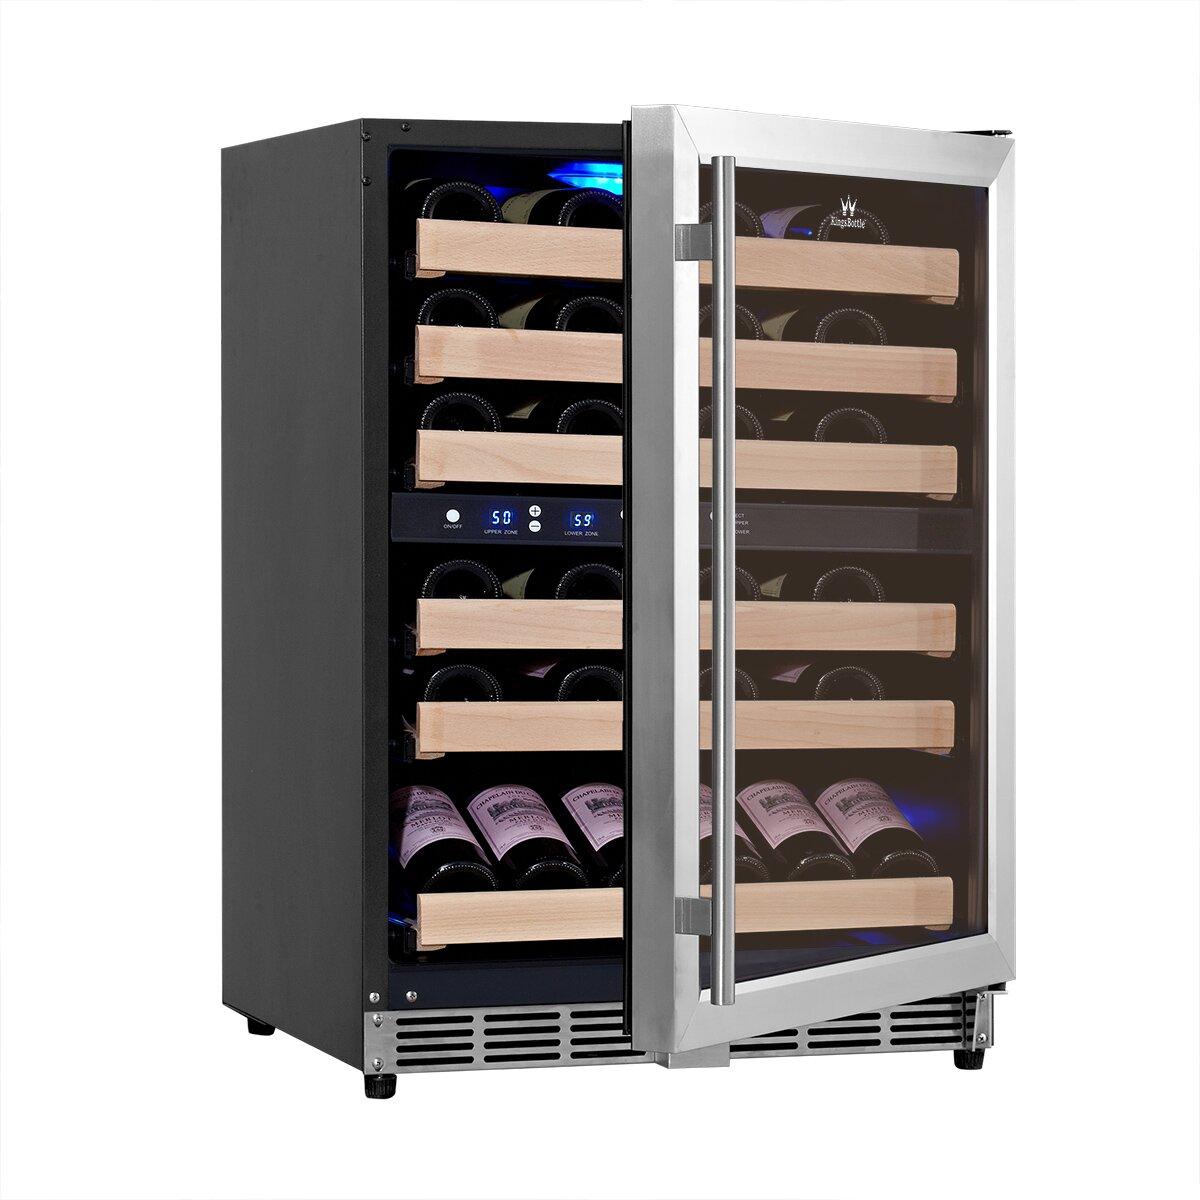 kingsbottle 46 bottle dual zone convertible wine refrigerator wayfair. Black Bedroom Furniture Sets. Home Design Ideas